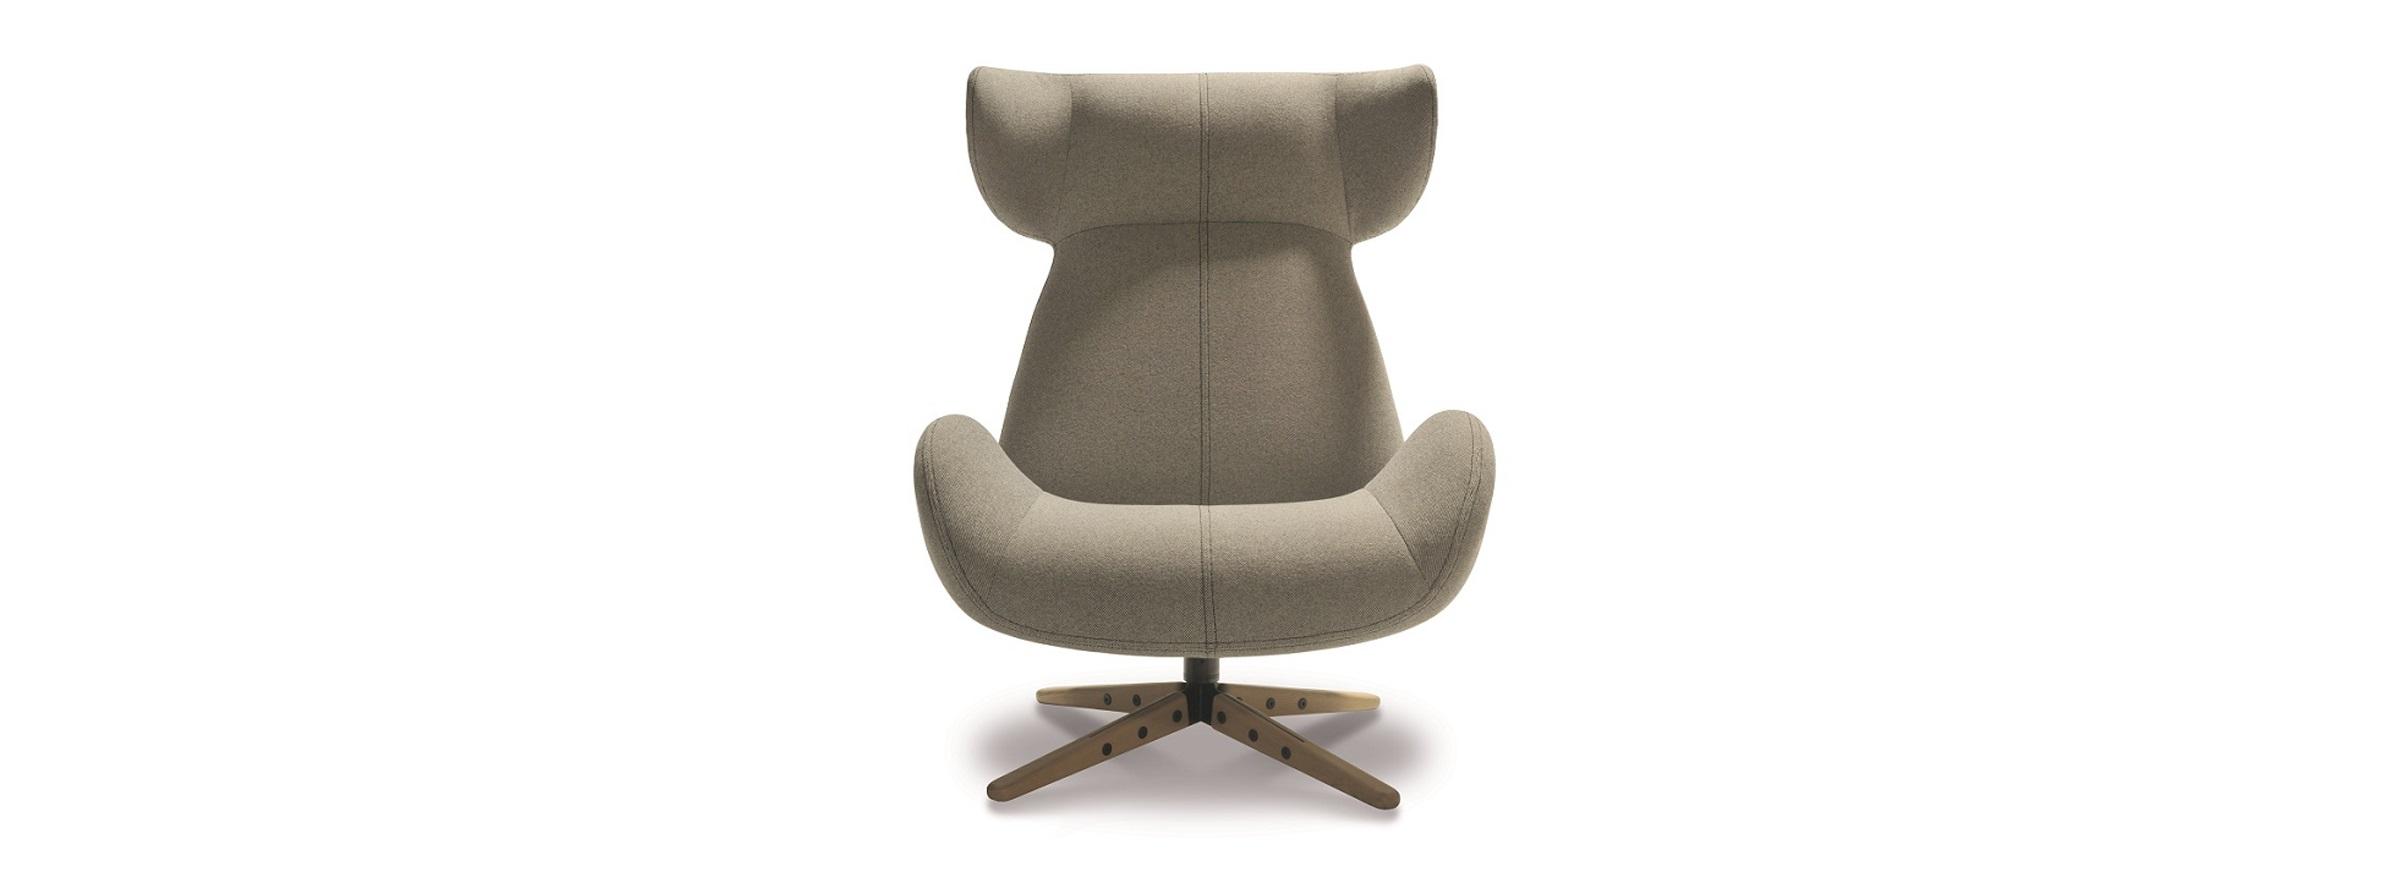 Desio-LONGTIME-fauteuil-artisanal-personnalisable-tissu-hôtel-modulable-france